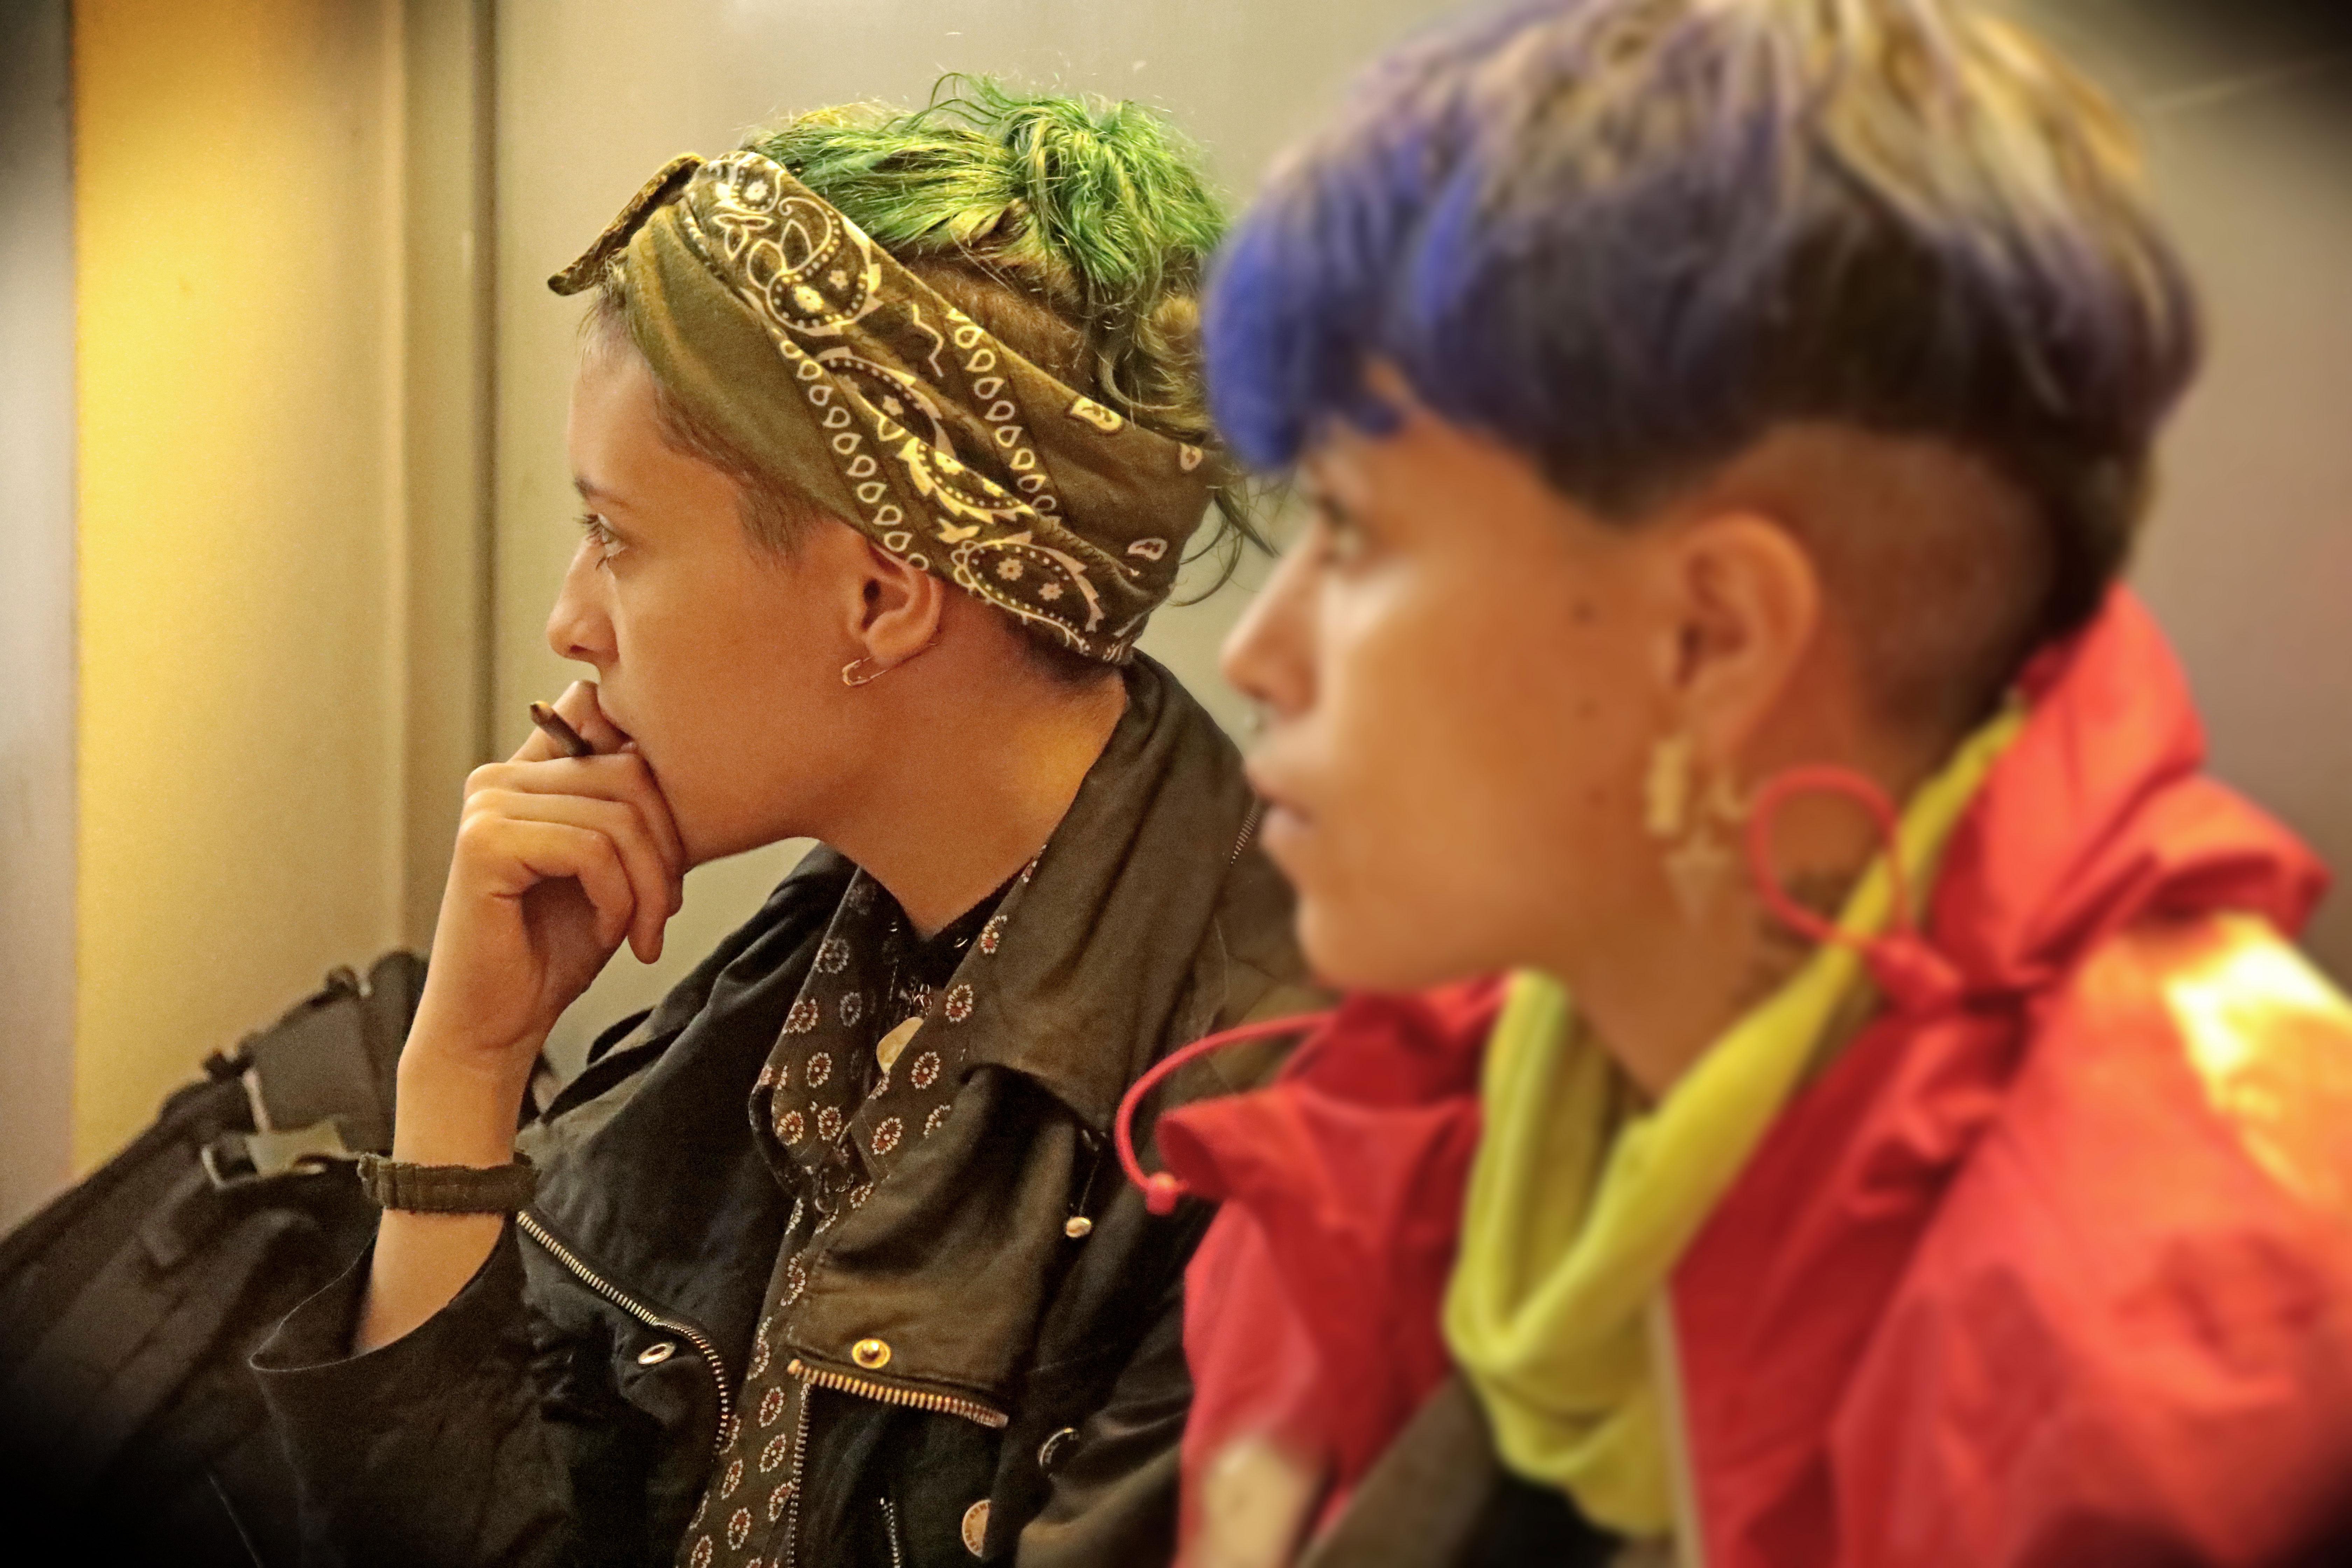 Este año hay 87 talleres oficiales que abarcan distintas temáticas de género, vinculadas a la salud, a la maternidad, aborto, adicciones, trabajo, Justicia y derechos humanos, mujeres campesinas, identidades disidentes, ecología, comunicación, nuevas tecnologías, entre otras